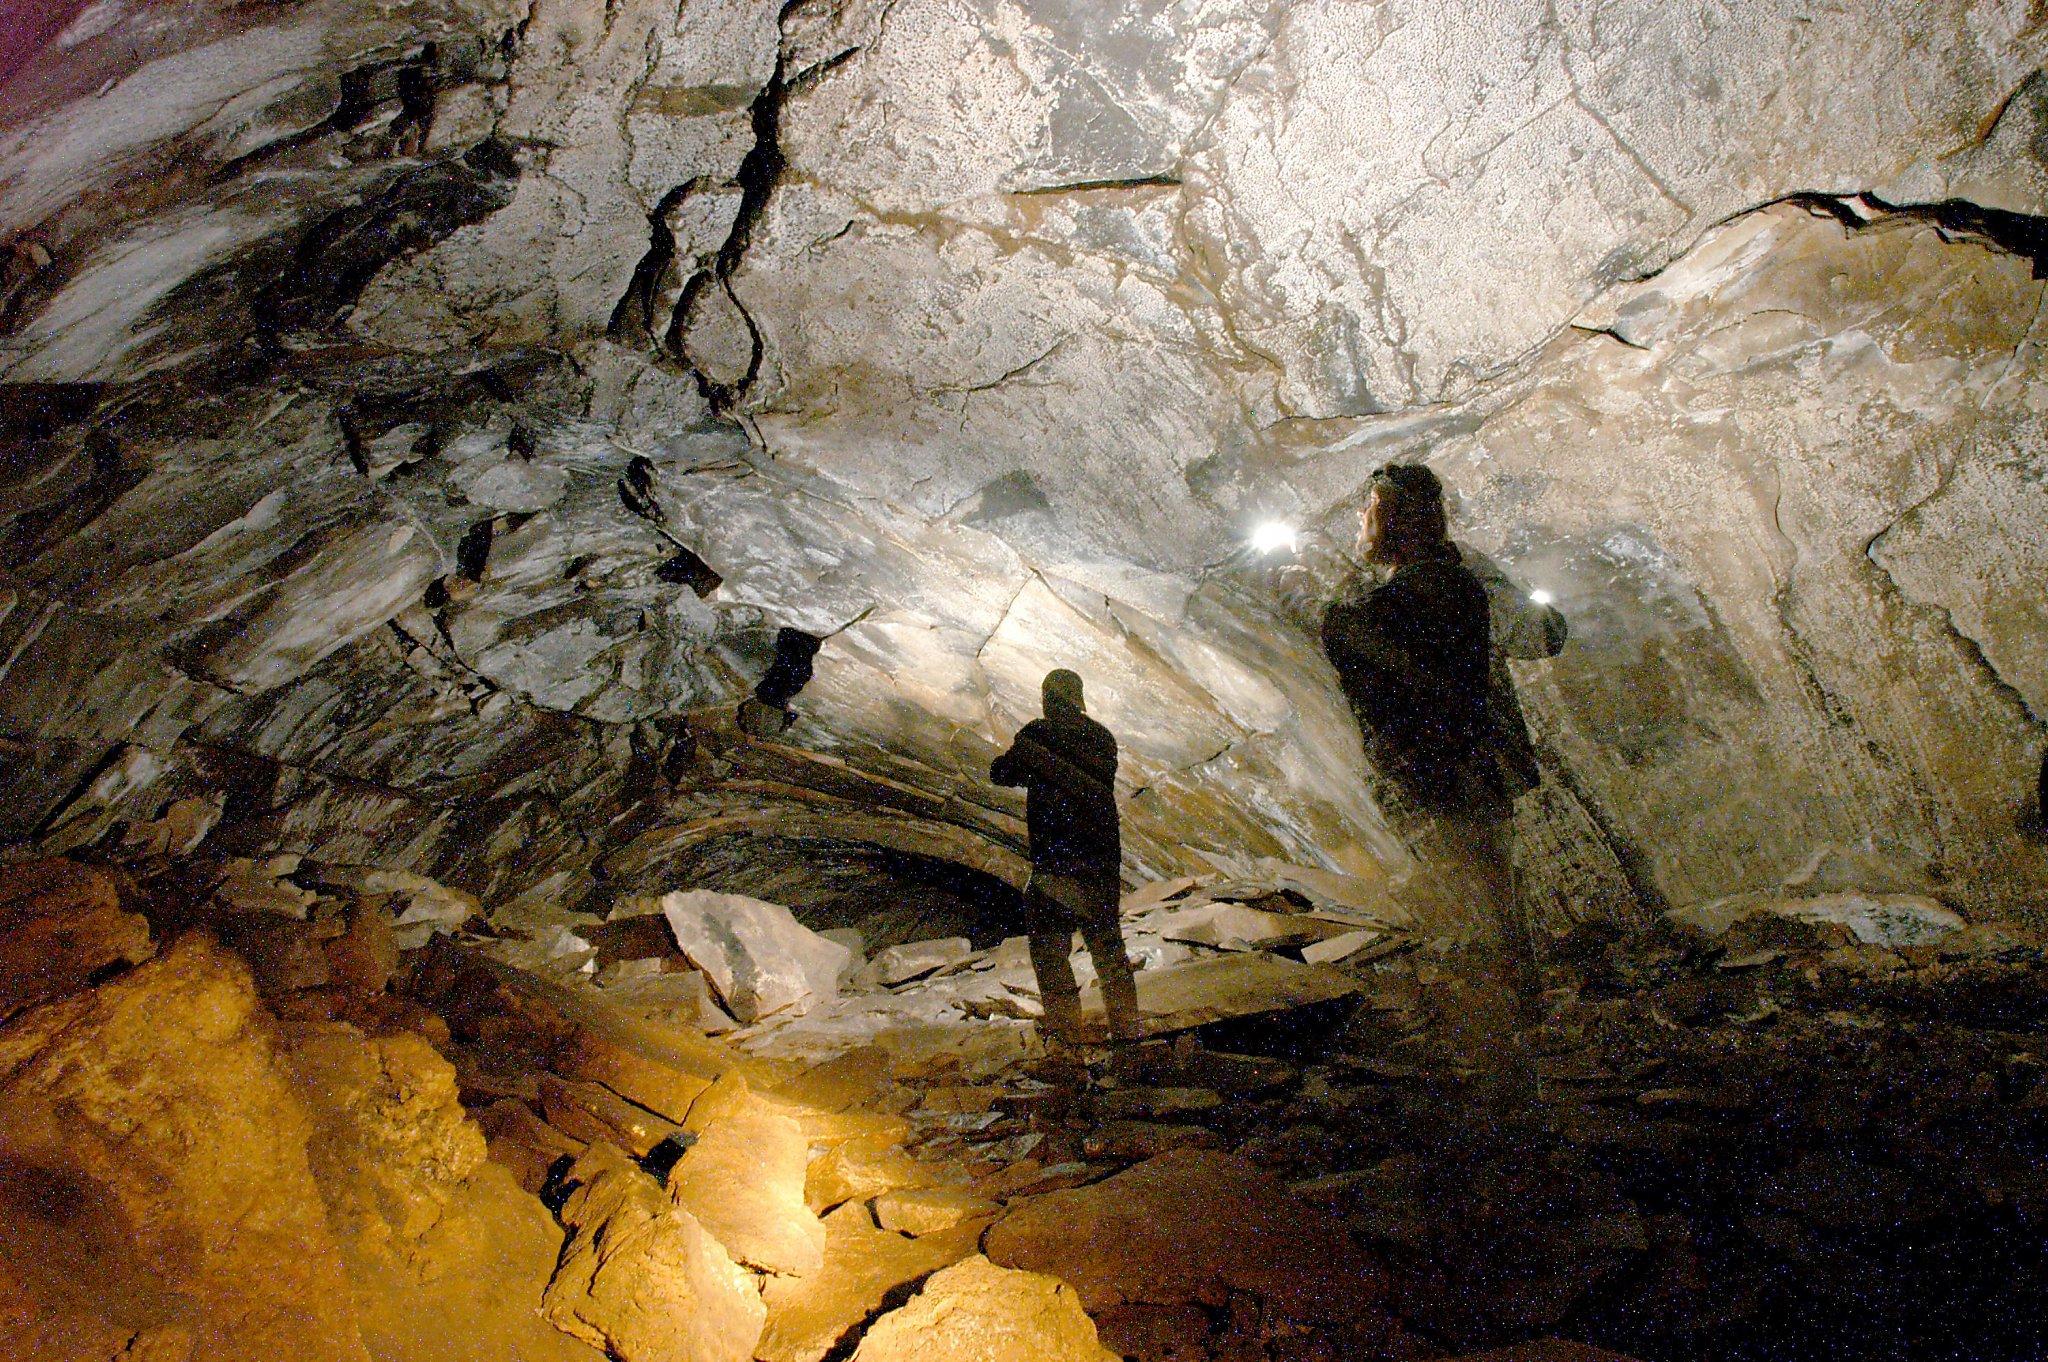 Man Caves Centennial : Park centennial spurs lava tube tours in hawaii sfgate